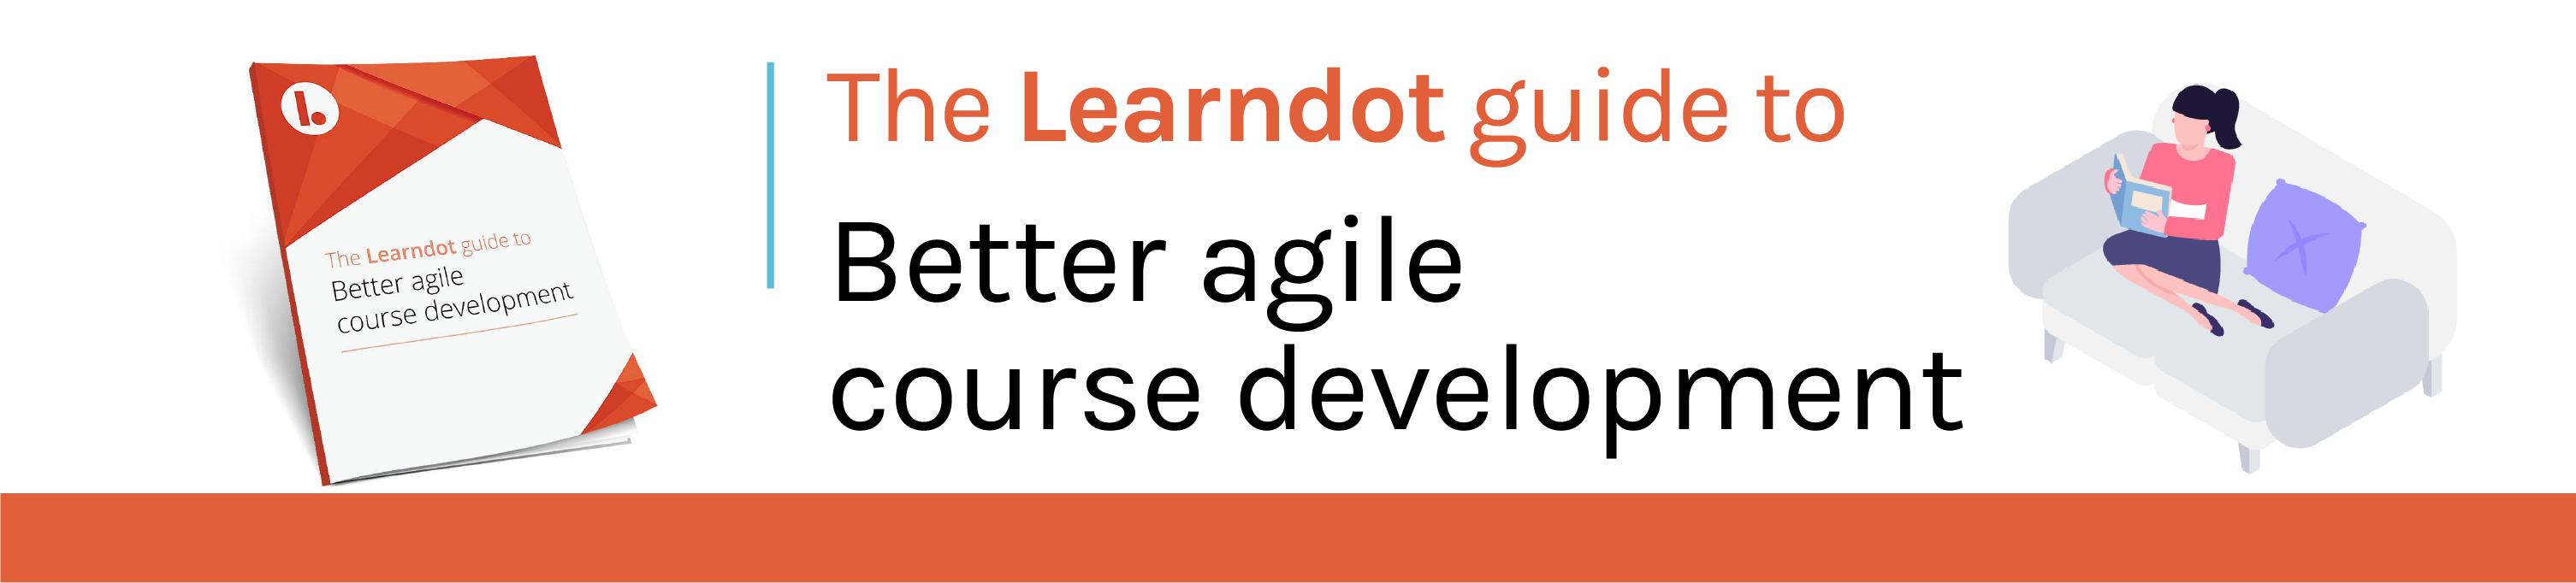 Agile_course_development_guide_banner